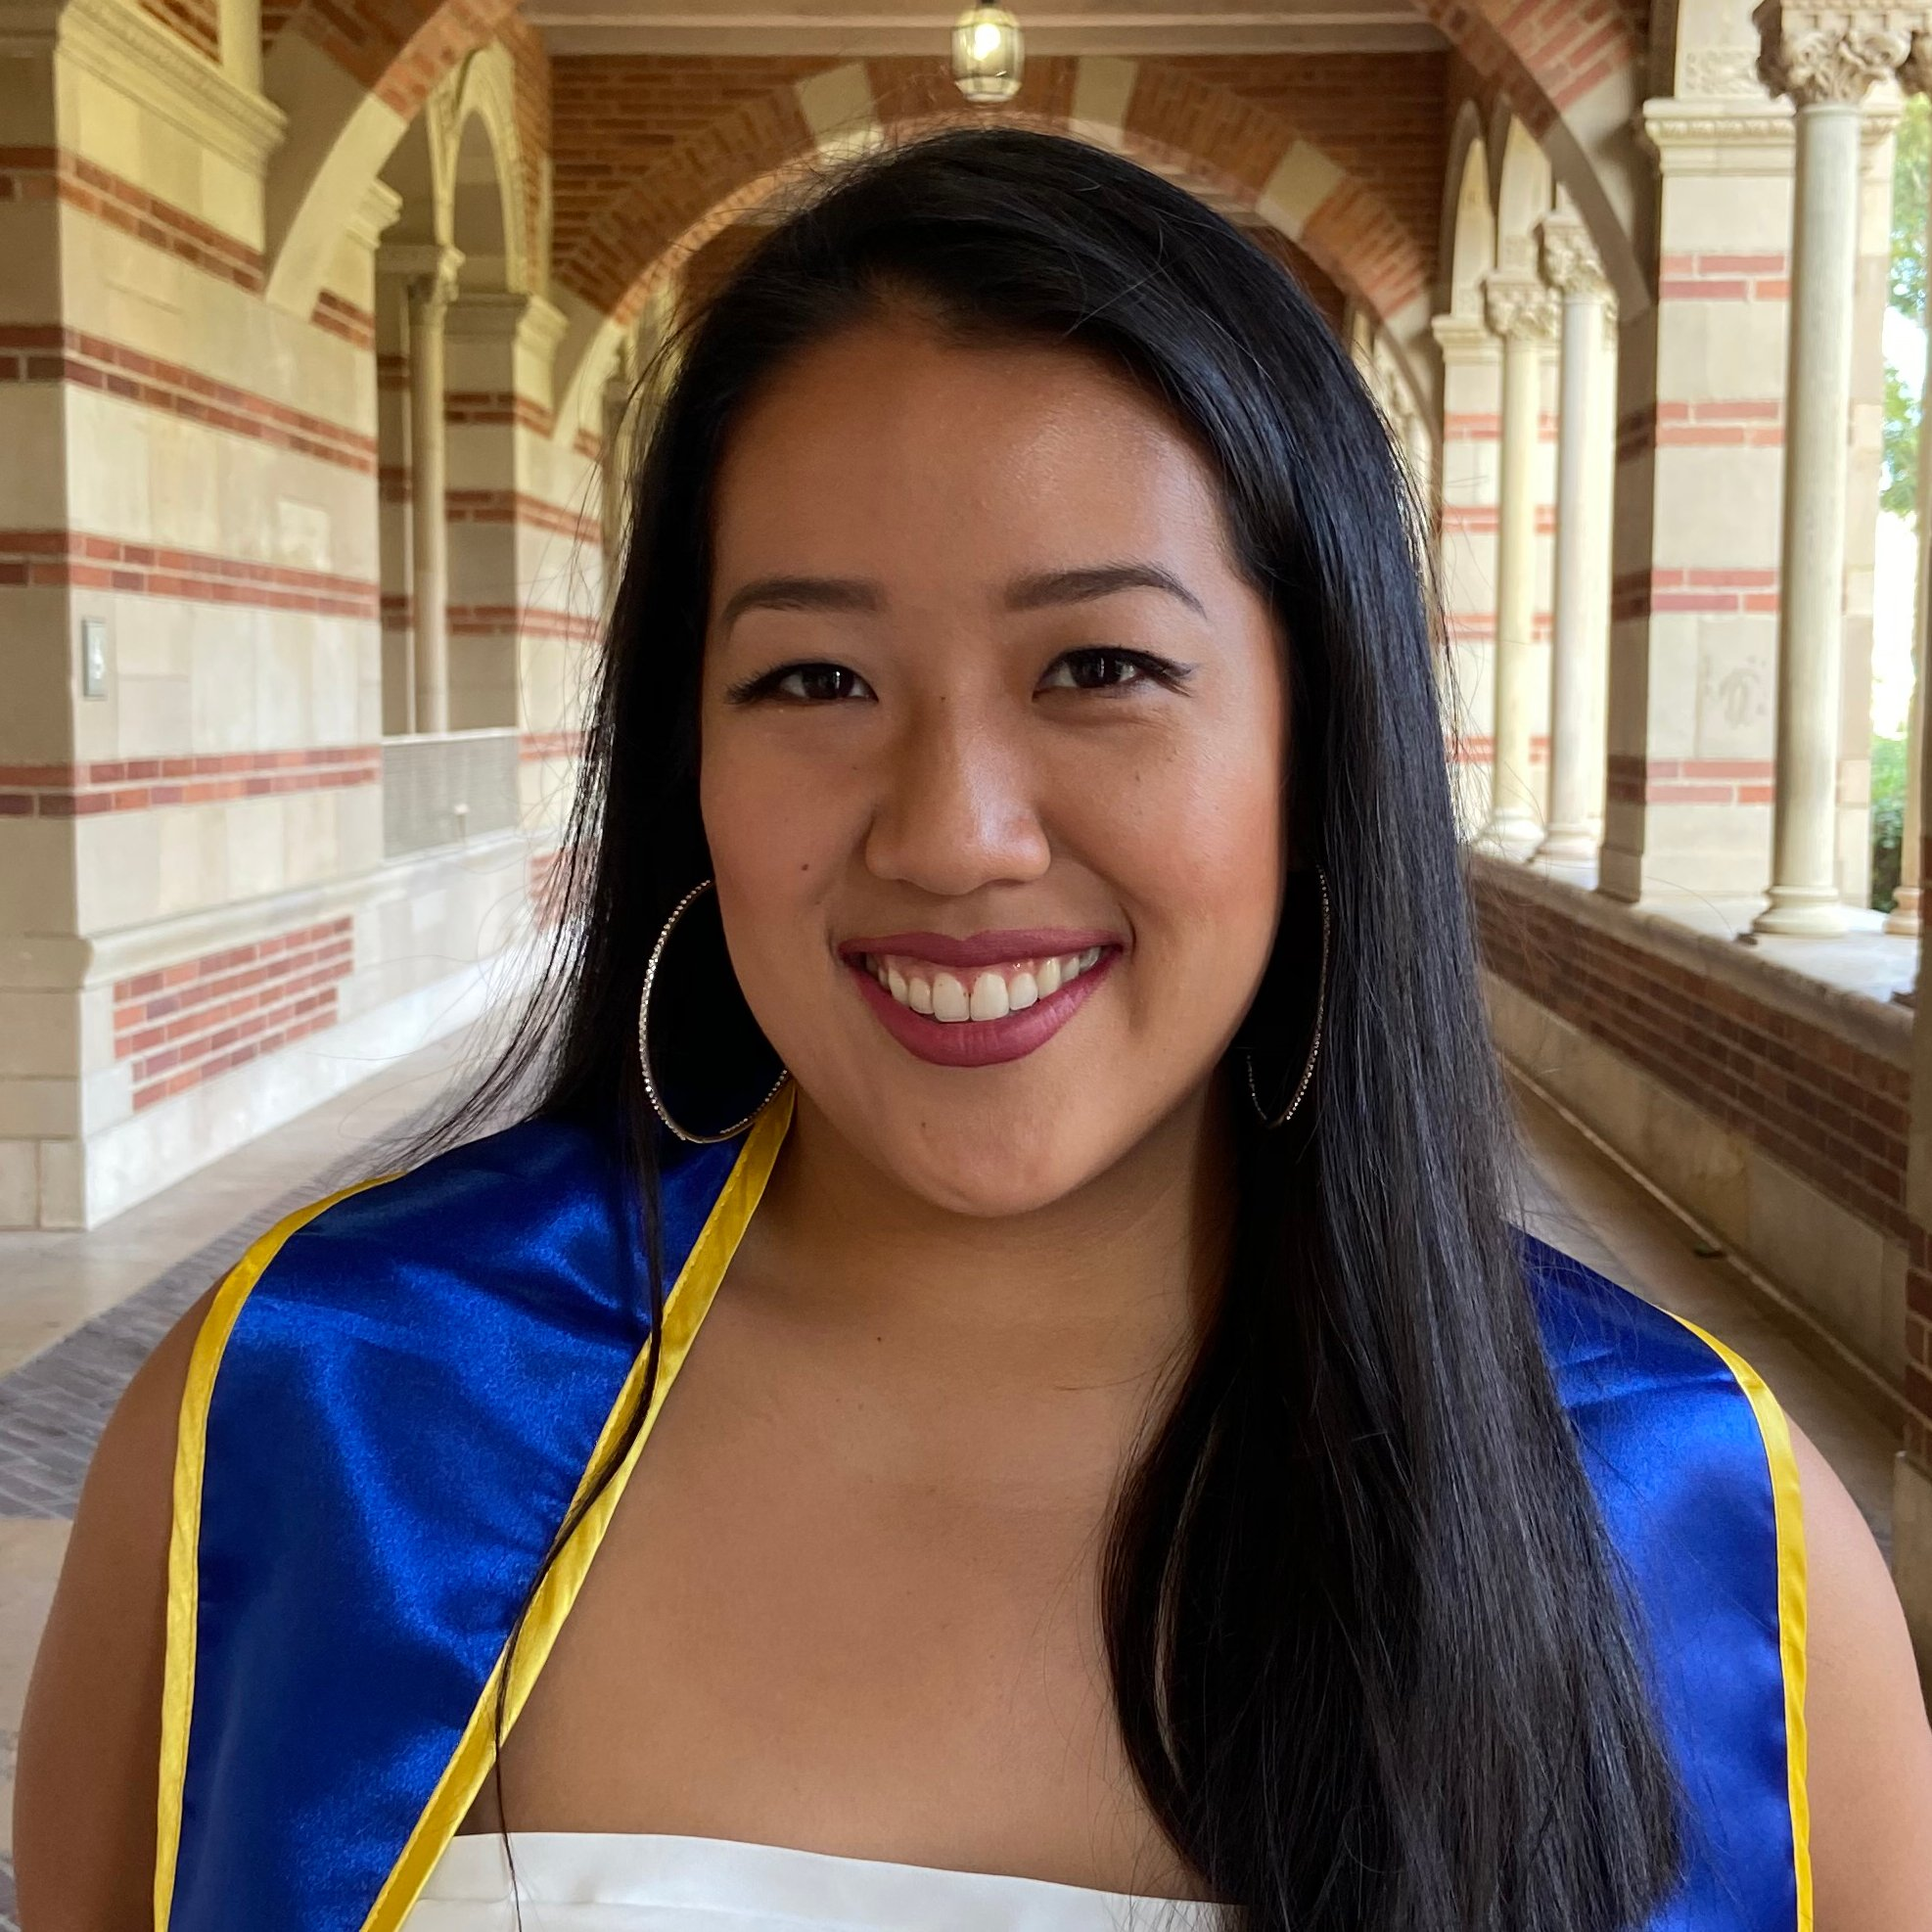 Camille Serrano